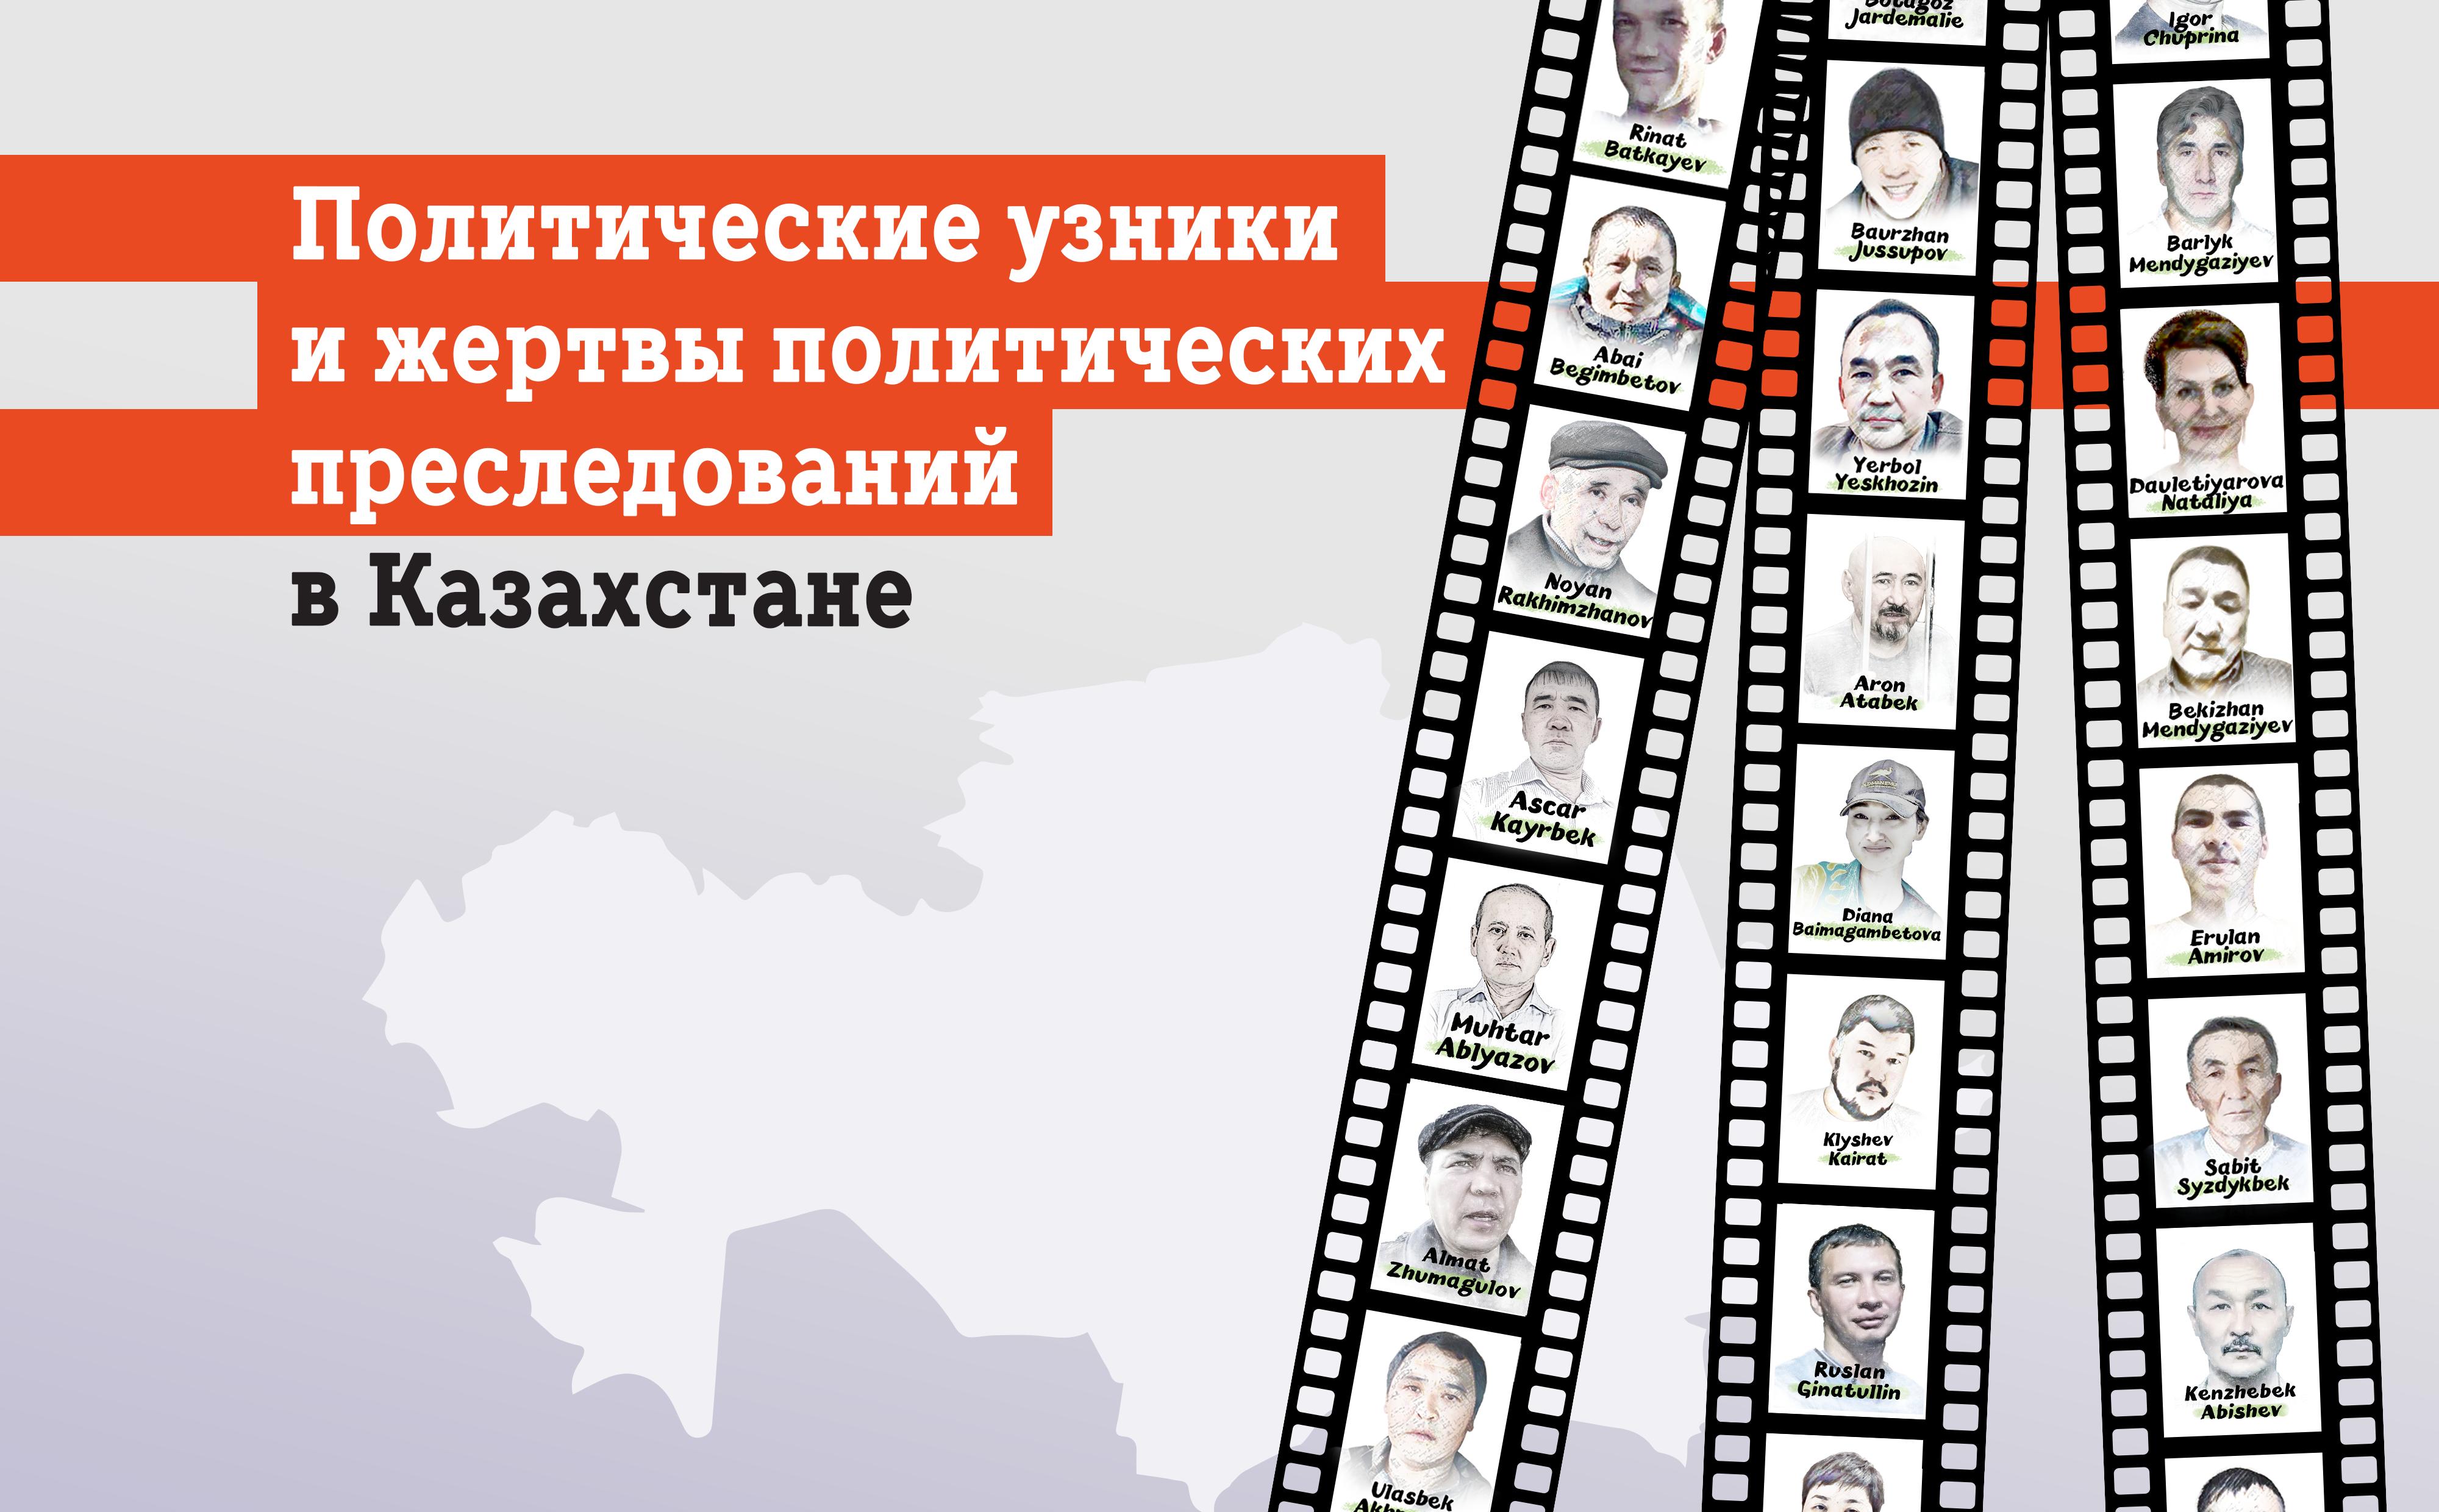 Политические узники и жертвы политических преследований в Казахстане